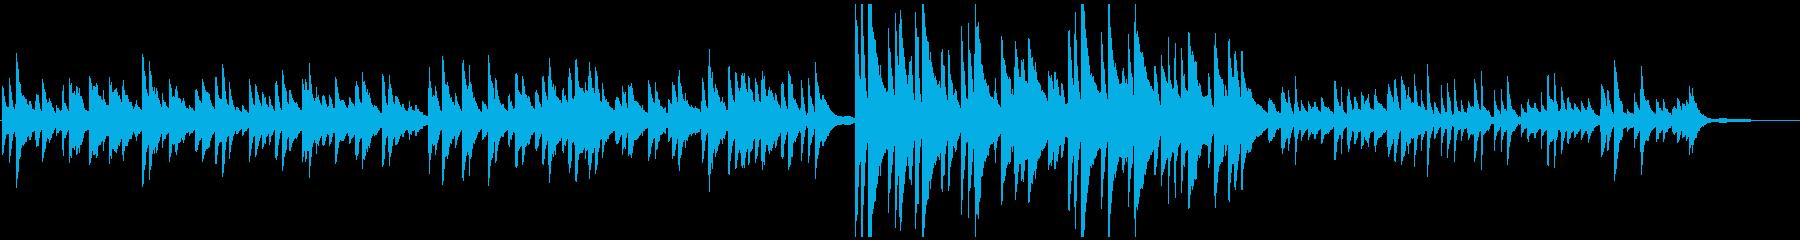 悲しく切ないピアノソロの再生済みの波形